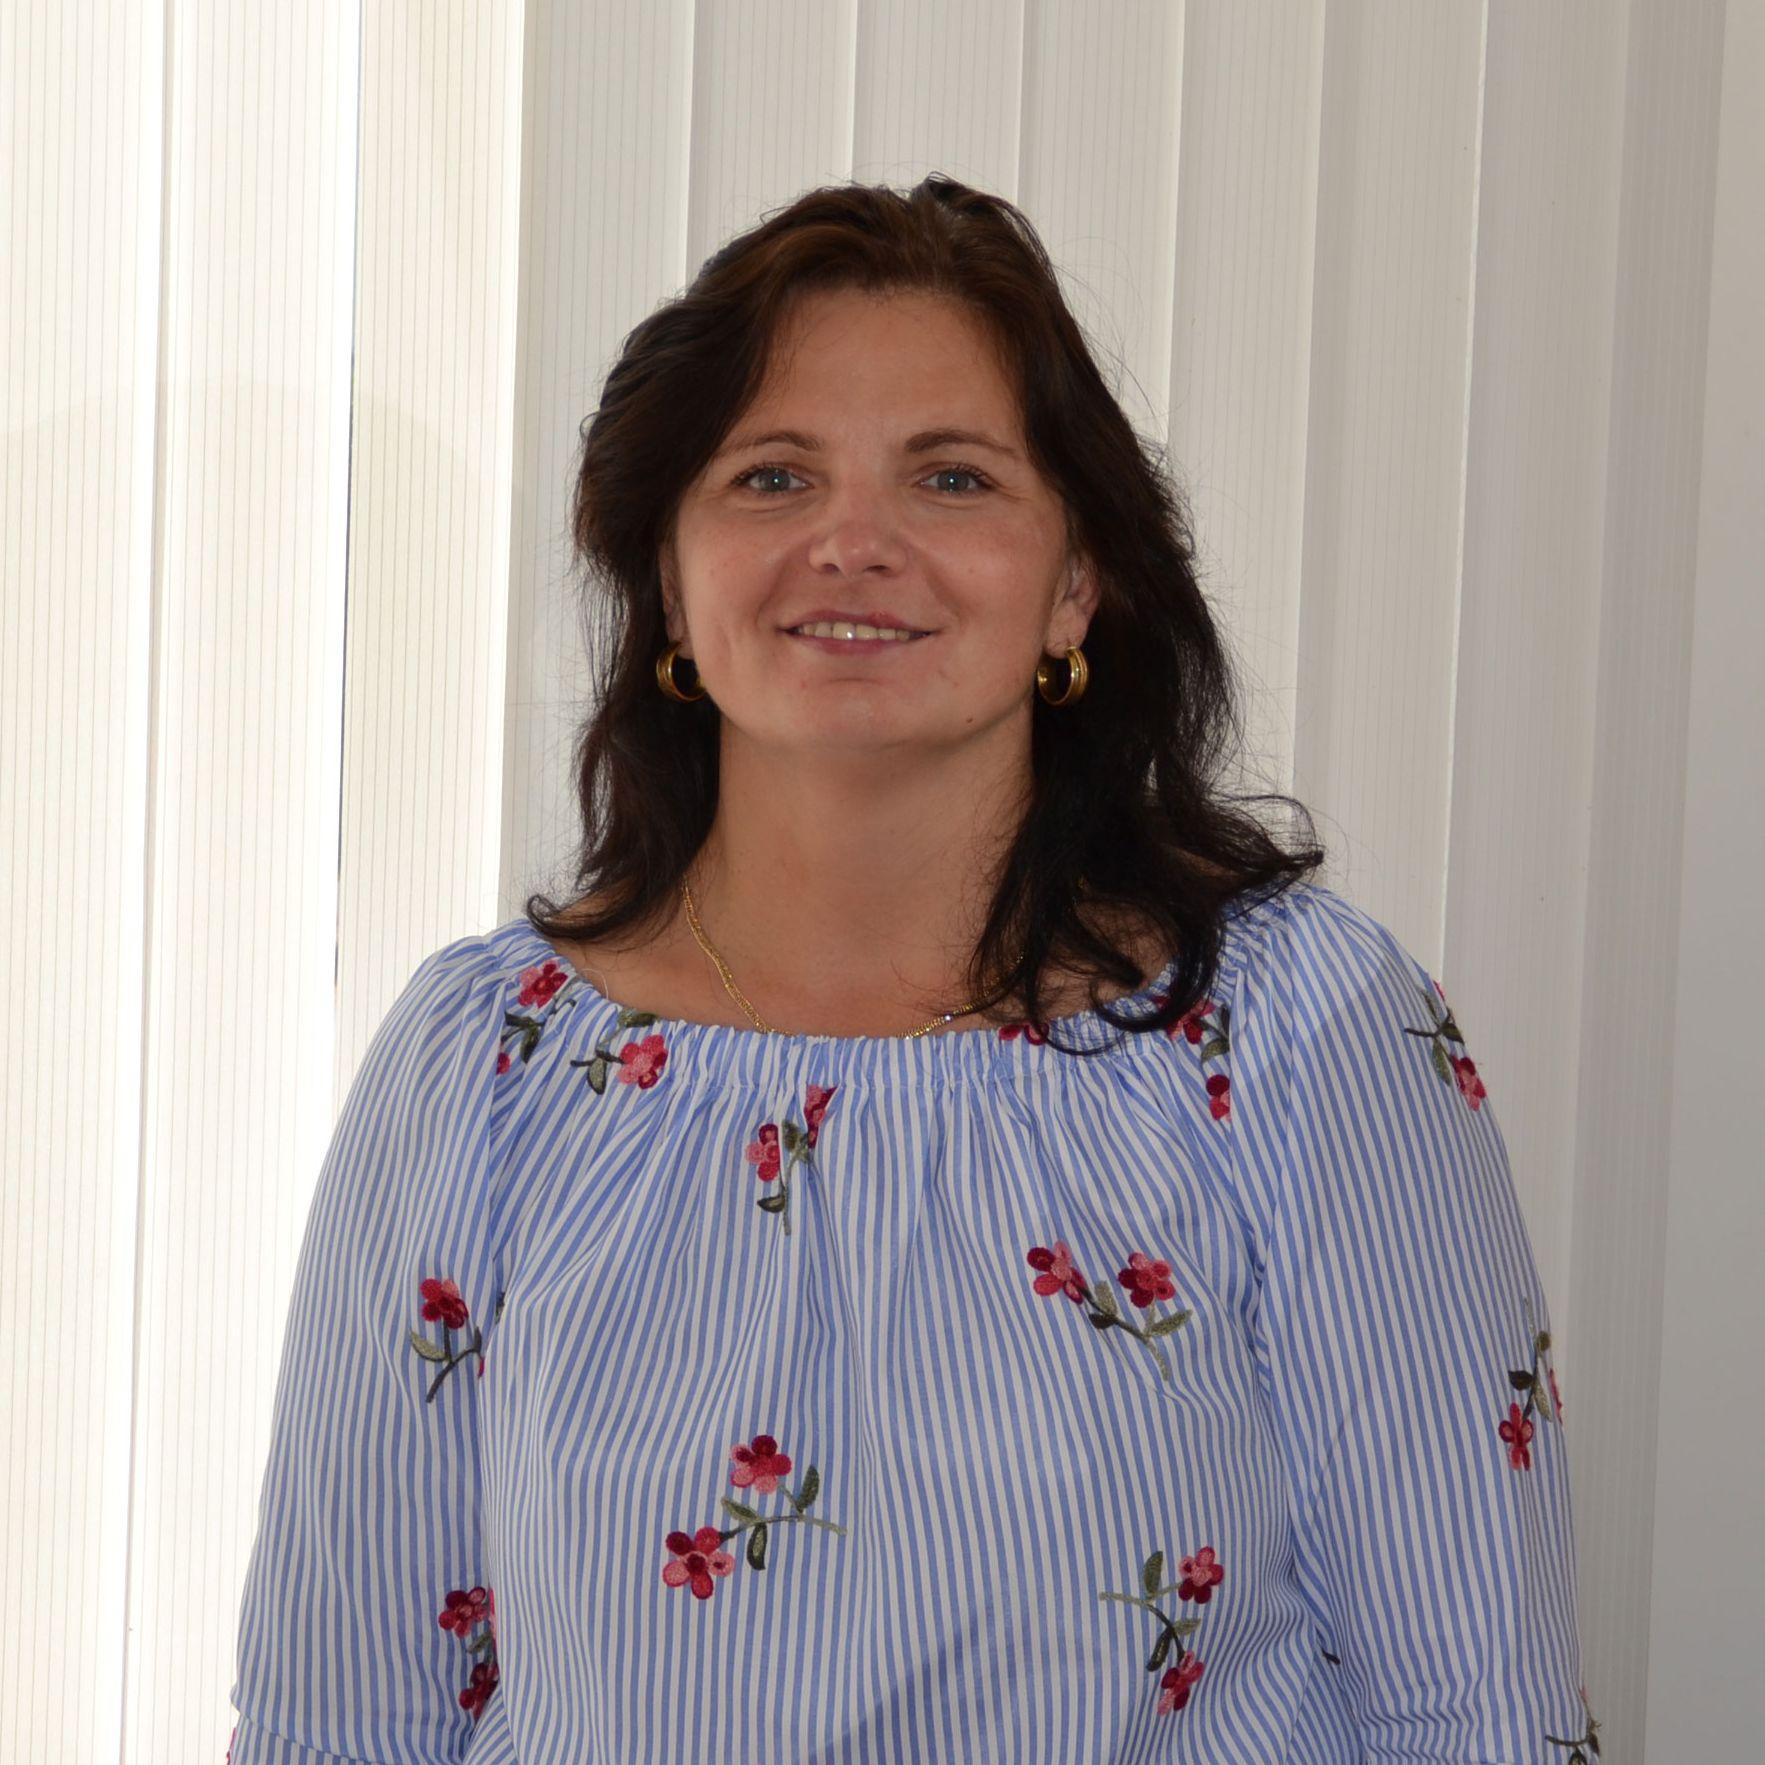 Beata Hoppe